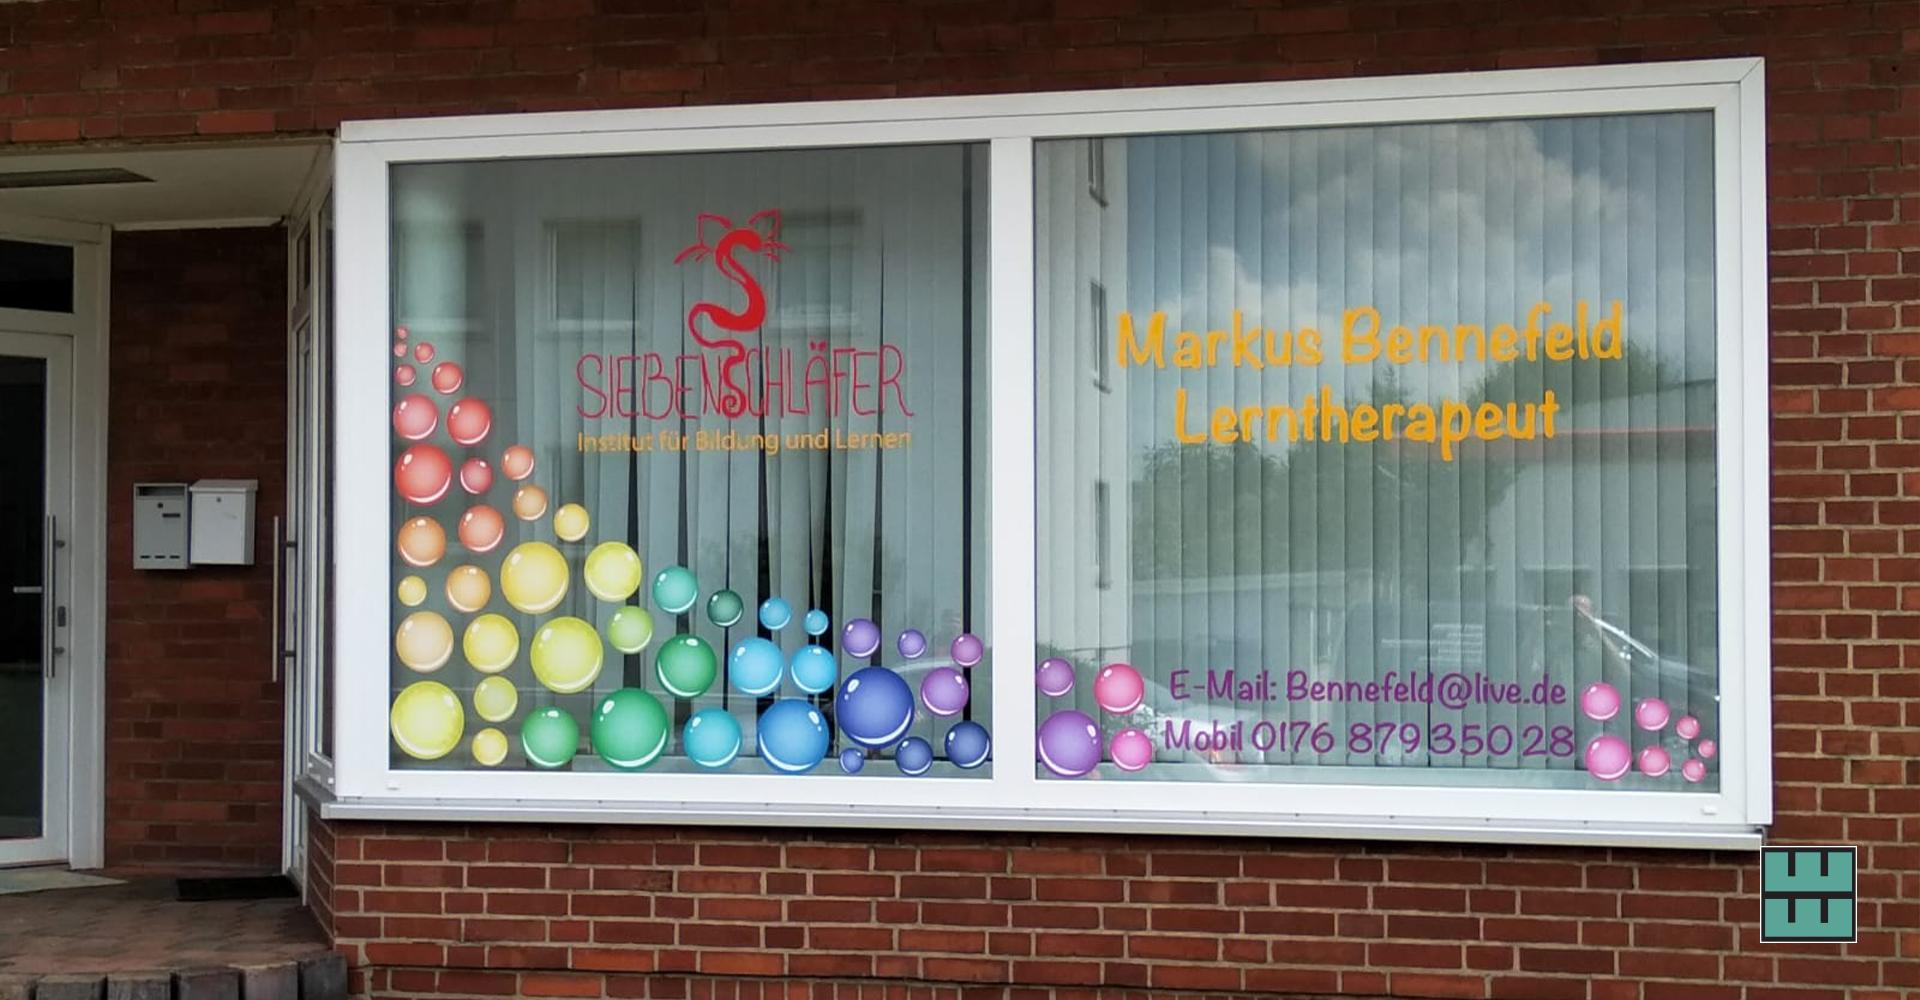 Für den Lerntherapeuten Markus Bennefeld und sein Institut Siebenschläfer wird es bunt: Seit kurzem verzieren bunte Bubbles sein Schaufenster.Wir haben nicht nur die grafische Bearbeitung und den Druck übernommen, sondern natürlich auch die Fensterbeklebung an sich.